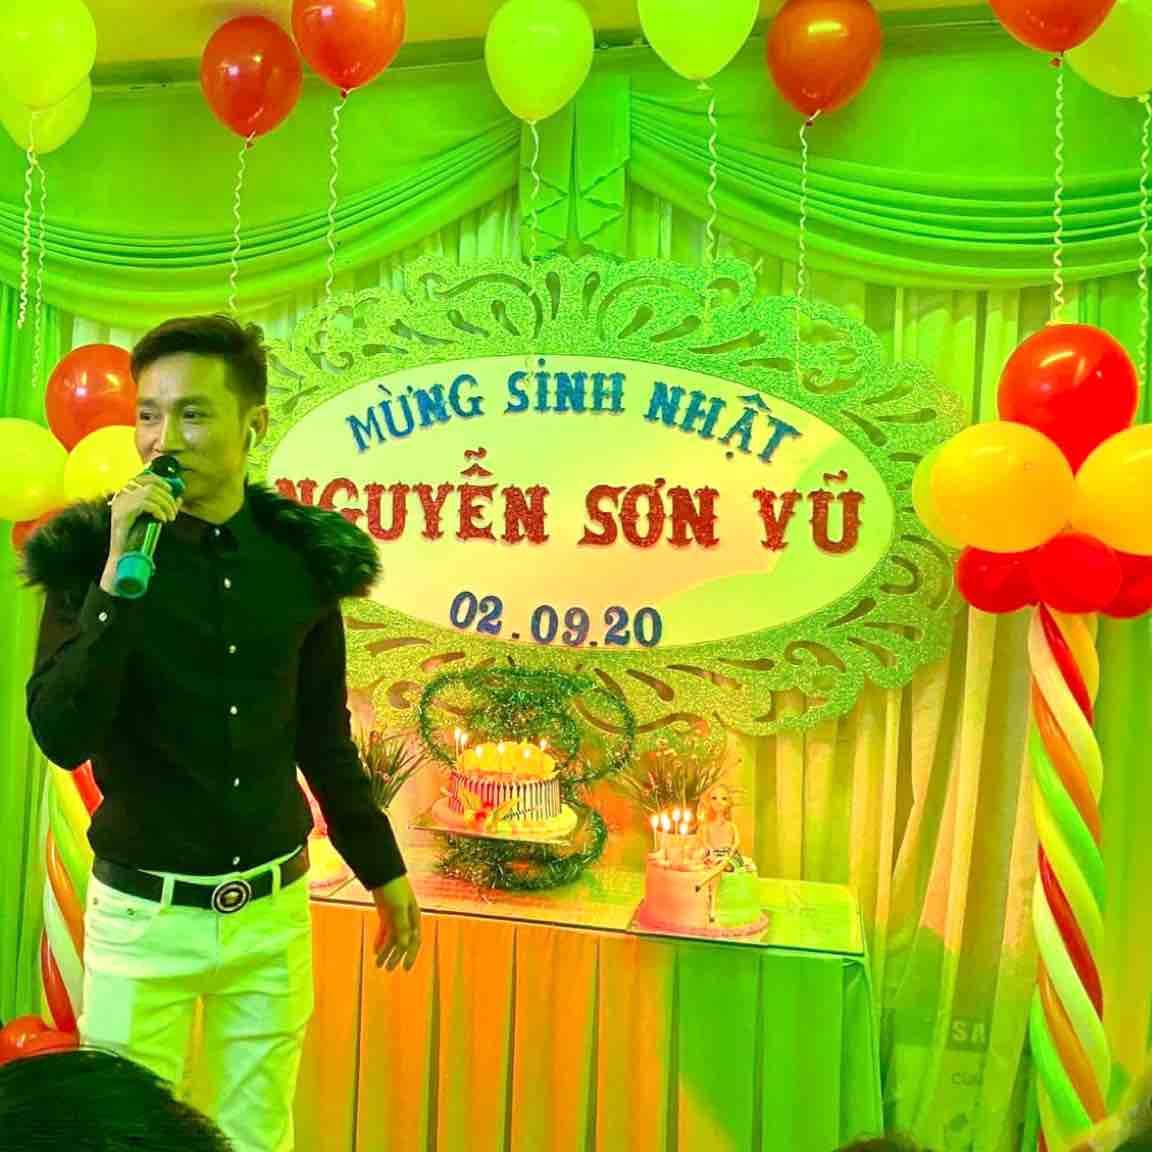 Nguyễn Sơn Vũ